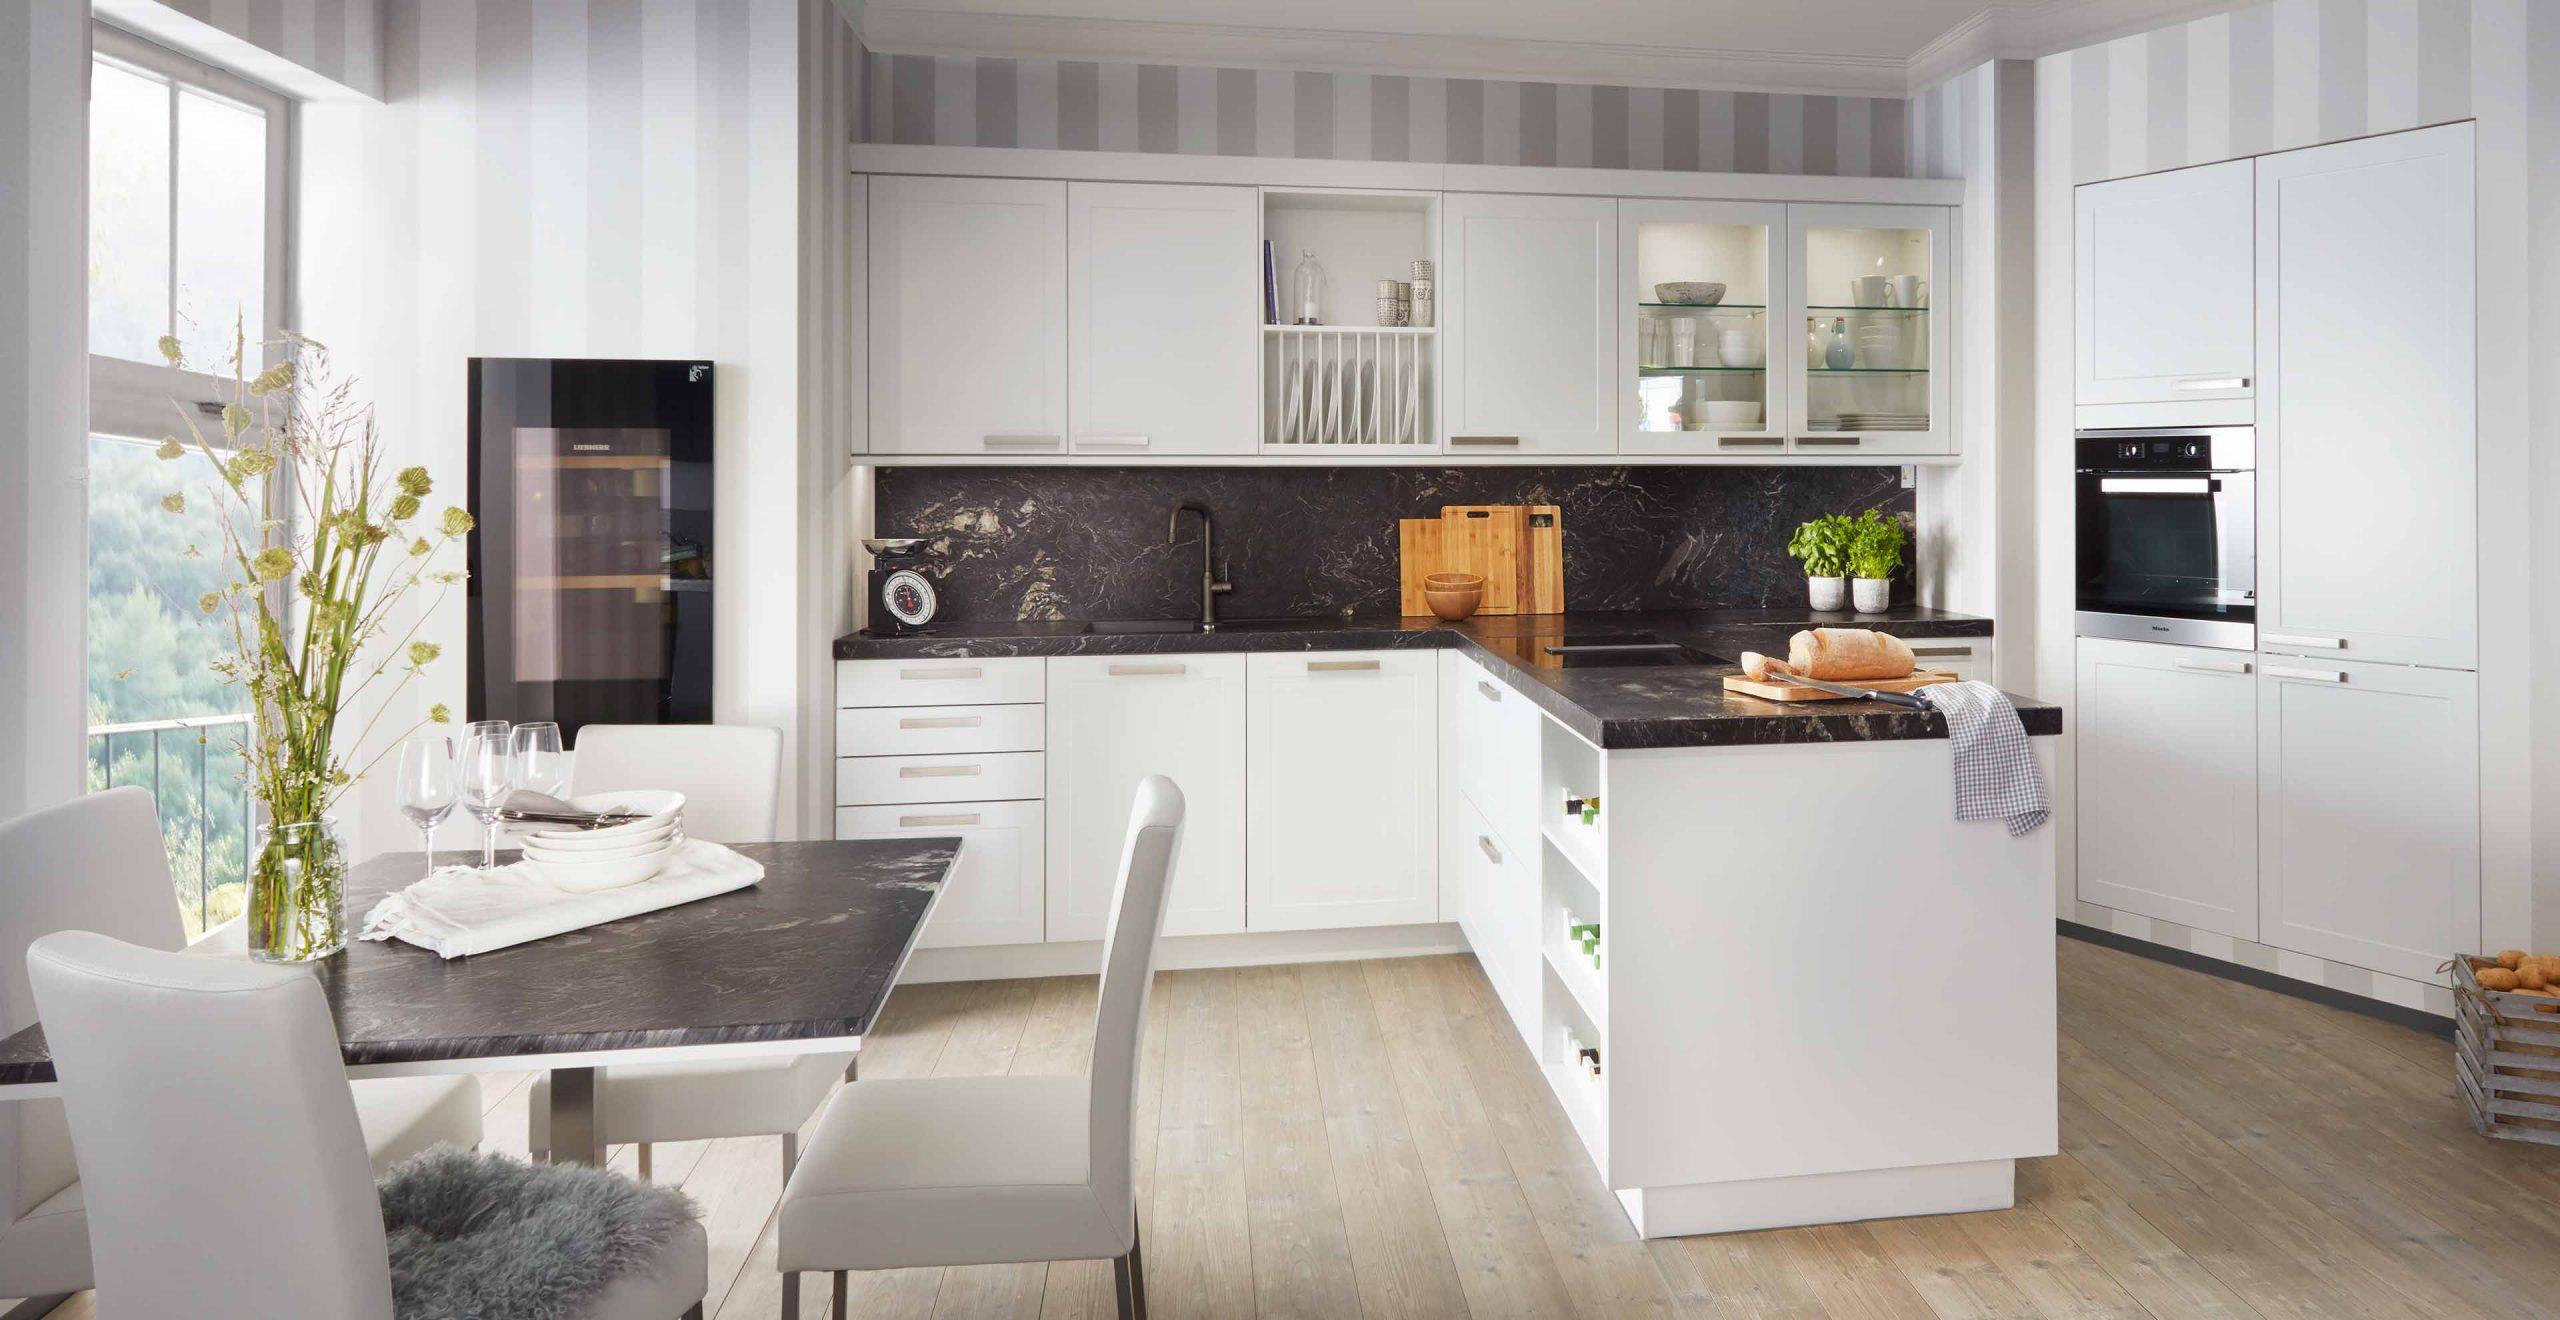 Full Size of Einbauküche Günstig Einbauküche Günstig Gebraucht Gebrauchte Einbauküche Günstig Kaufen Einbauküche Günstig Mit Elektrogeräten Küche Einbauküche Günstig